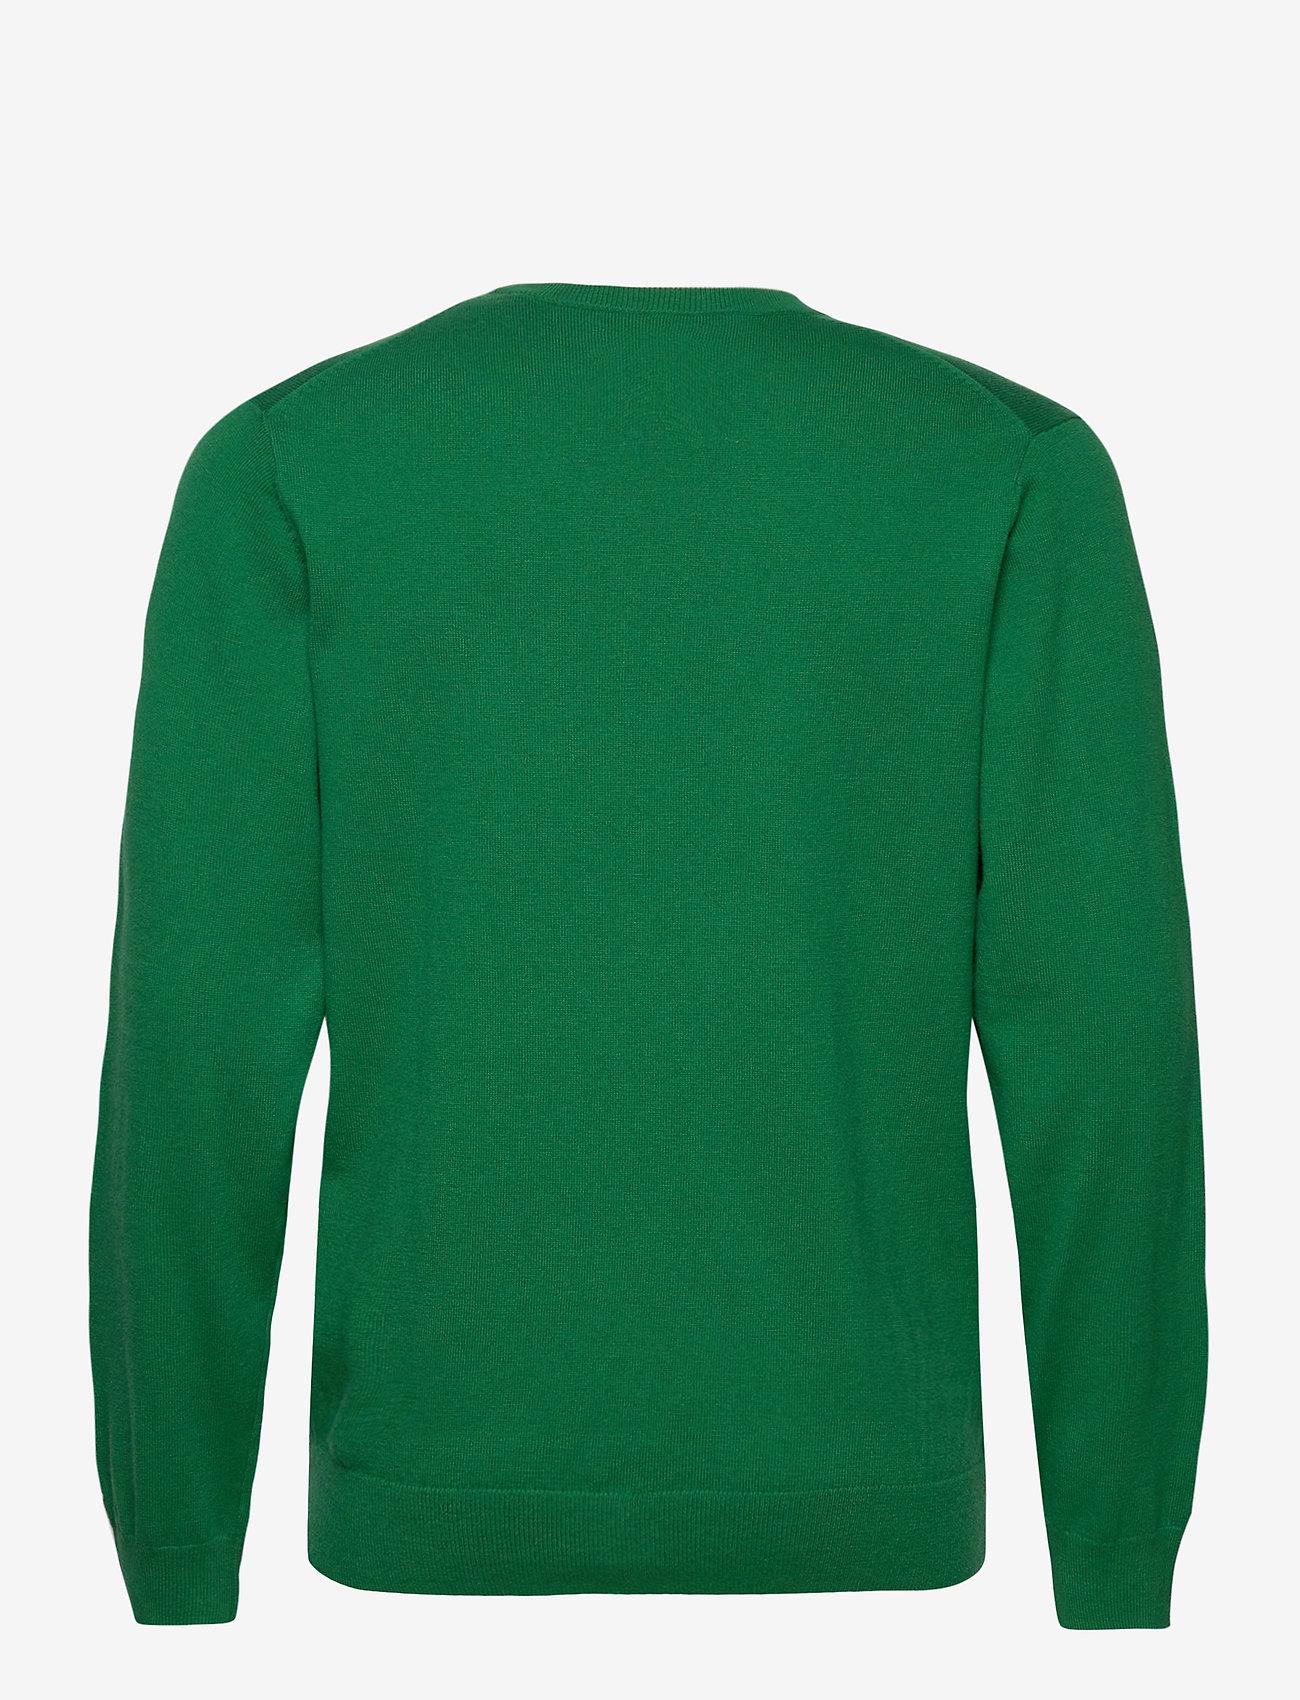 GANT - COTTON WOOL V-NECK - knitted v-necks - kelly green - 1